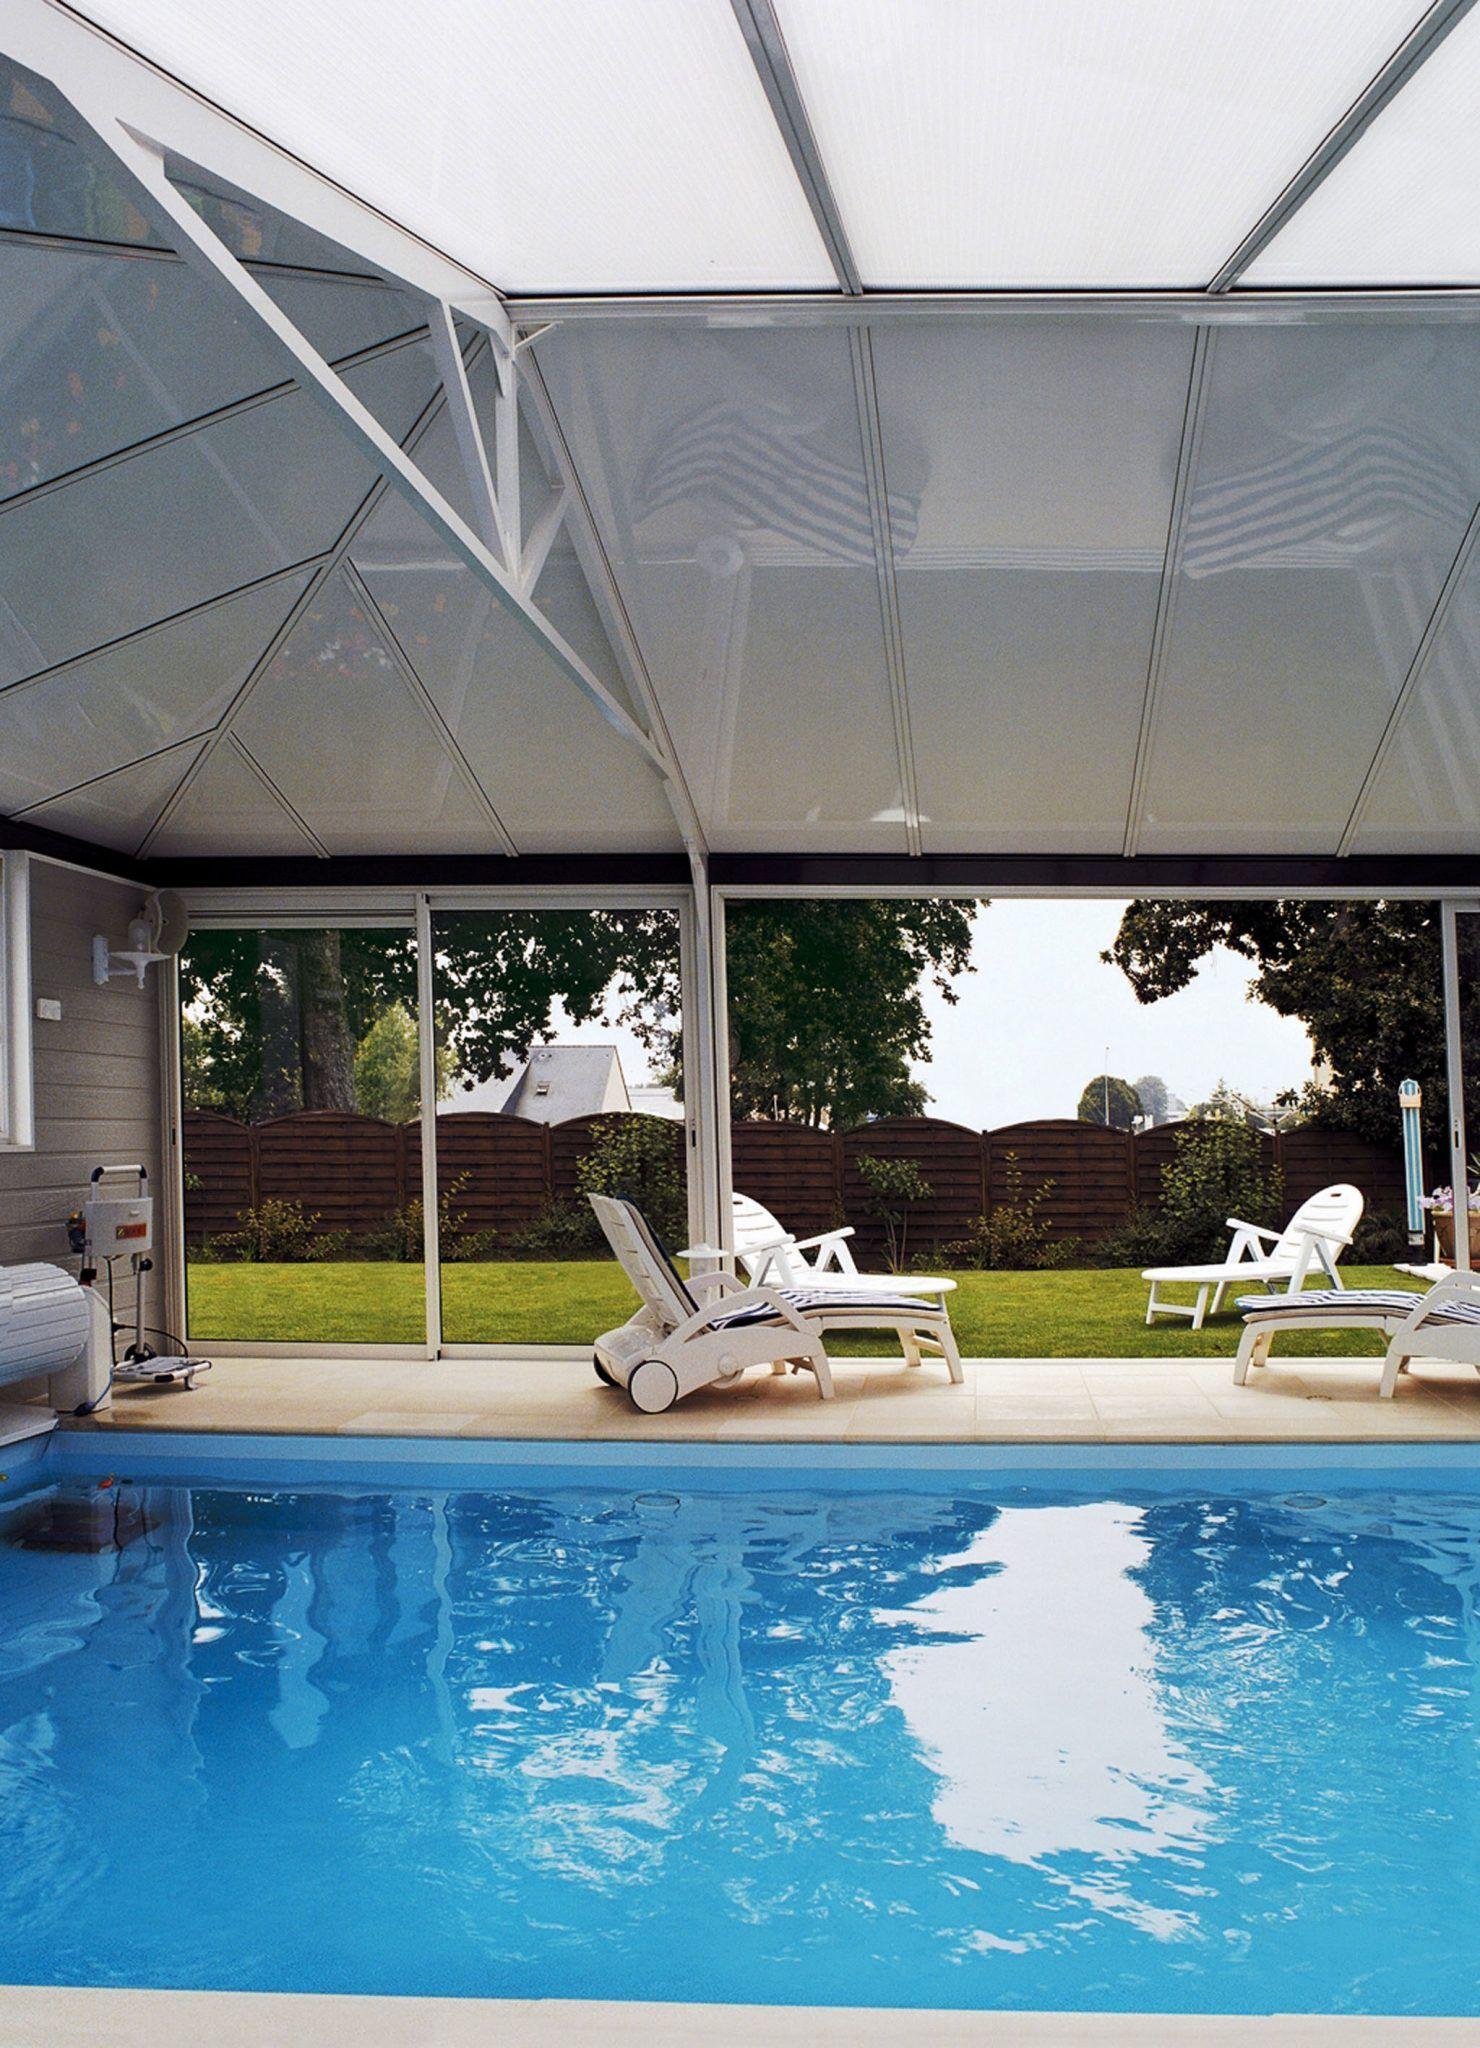 Véranda pour piscine blanc avec toit couvrant | Veranda piscine, Piscine et Veranda